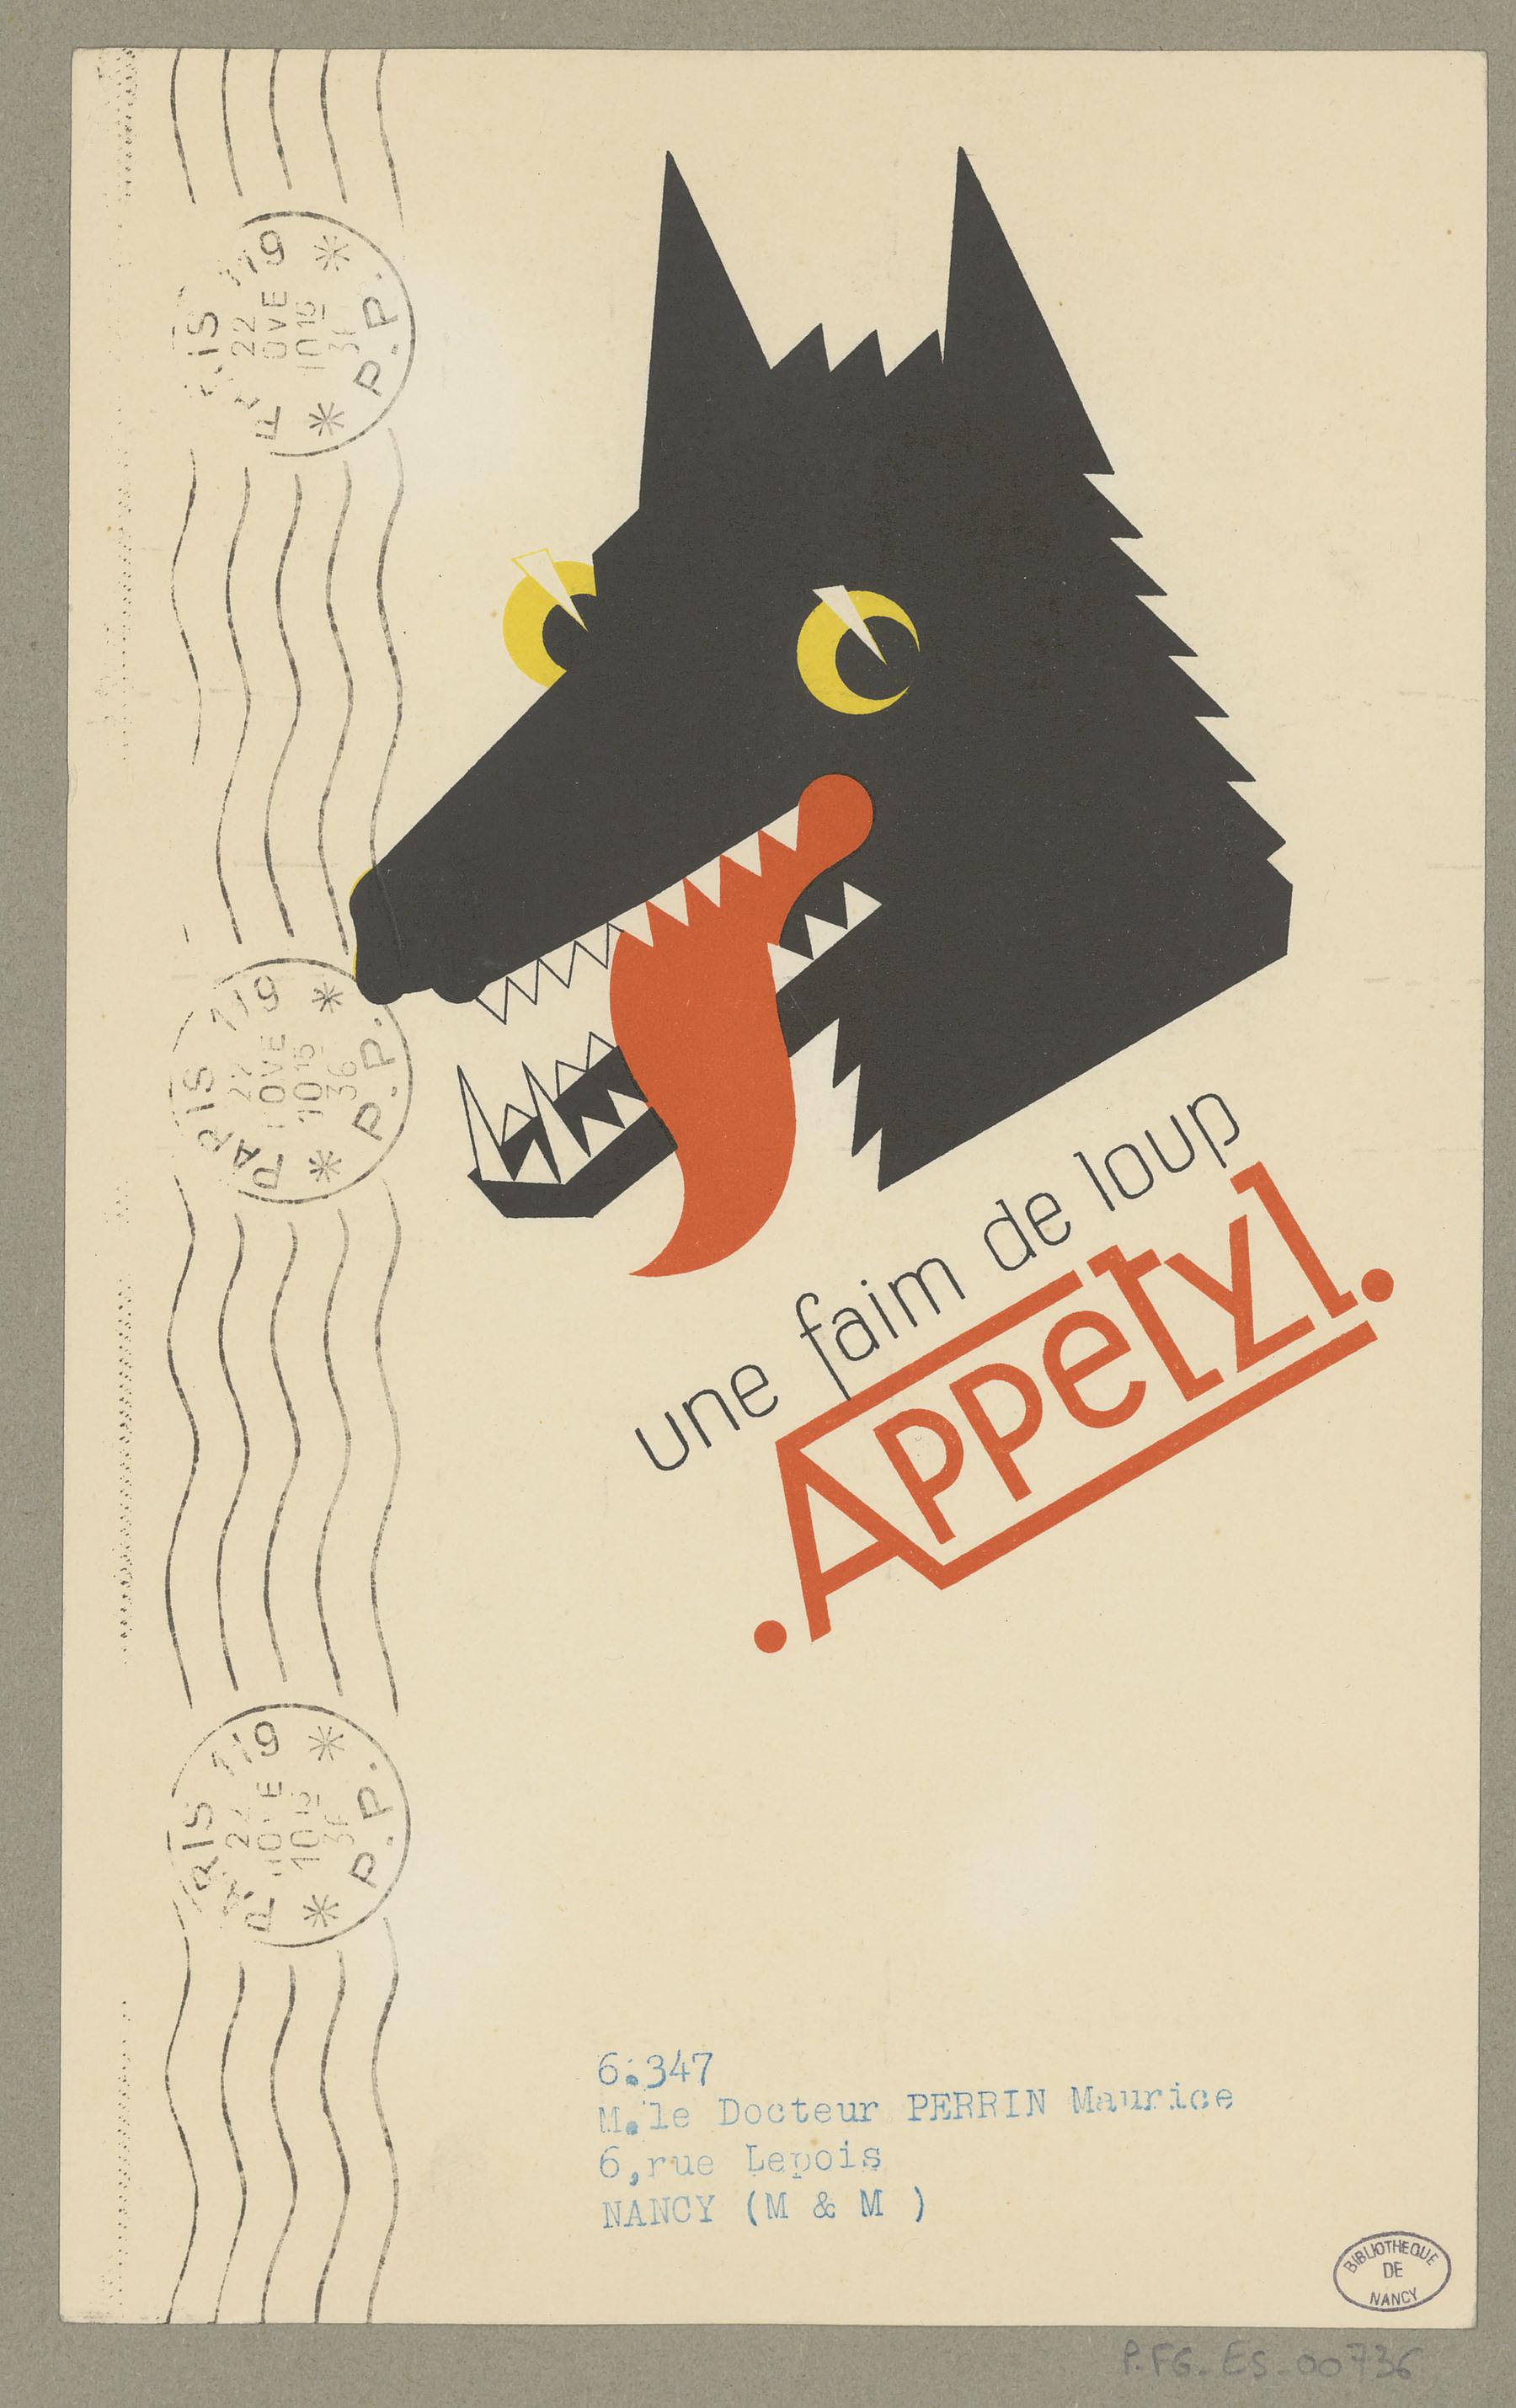 Contenu du Une faim de loup : Appetyl